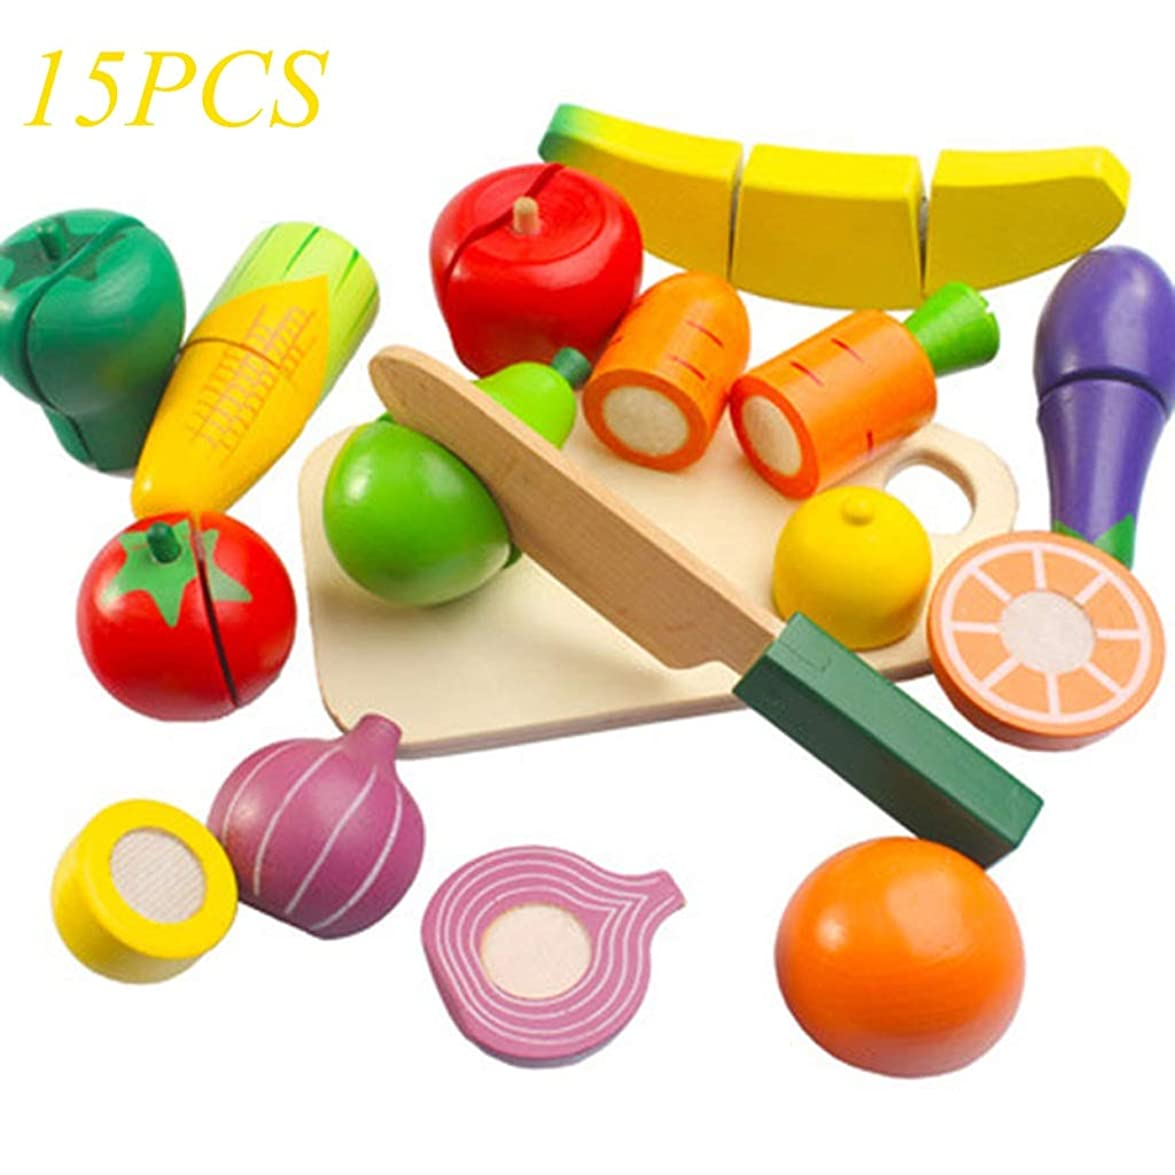 テスピアン避けるプレゼン木製の食品切断ゲーム、15PCS木製の食品果物や野菜のカットのおもちゃ、就学前の子供のためのギフト (色 : Multi-colored)